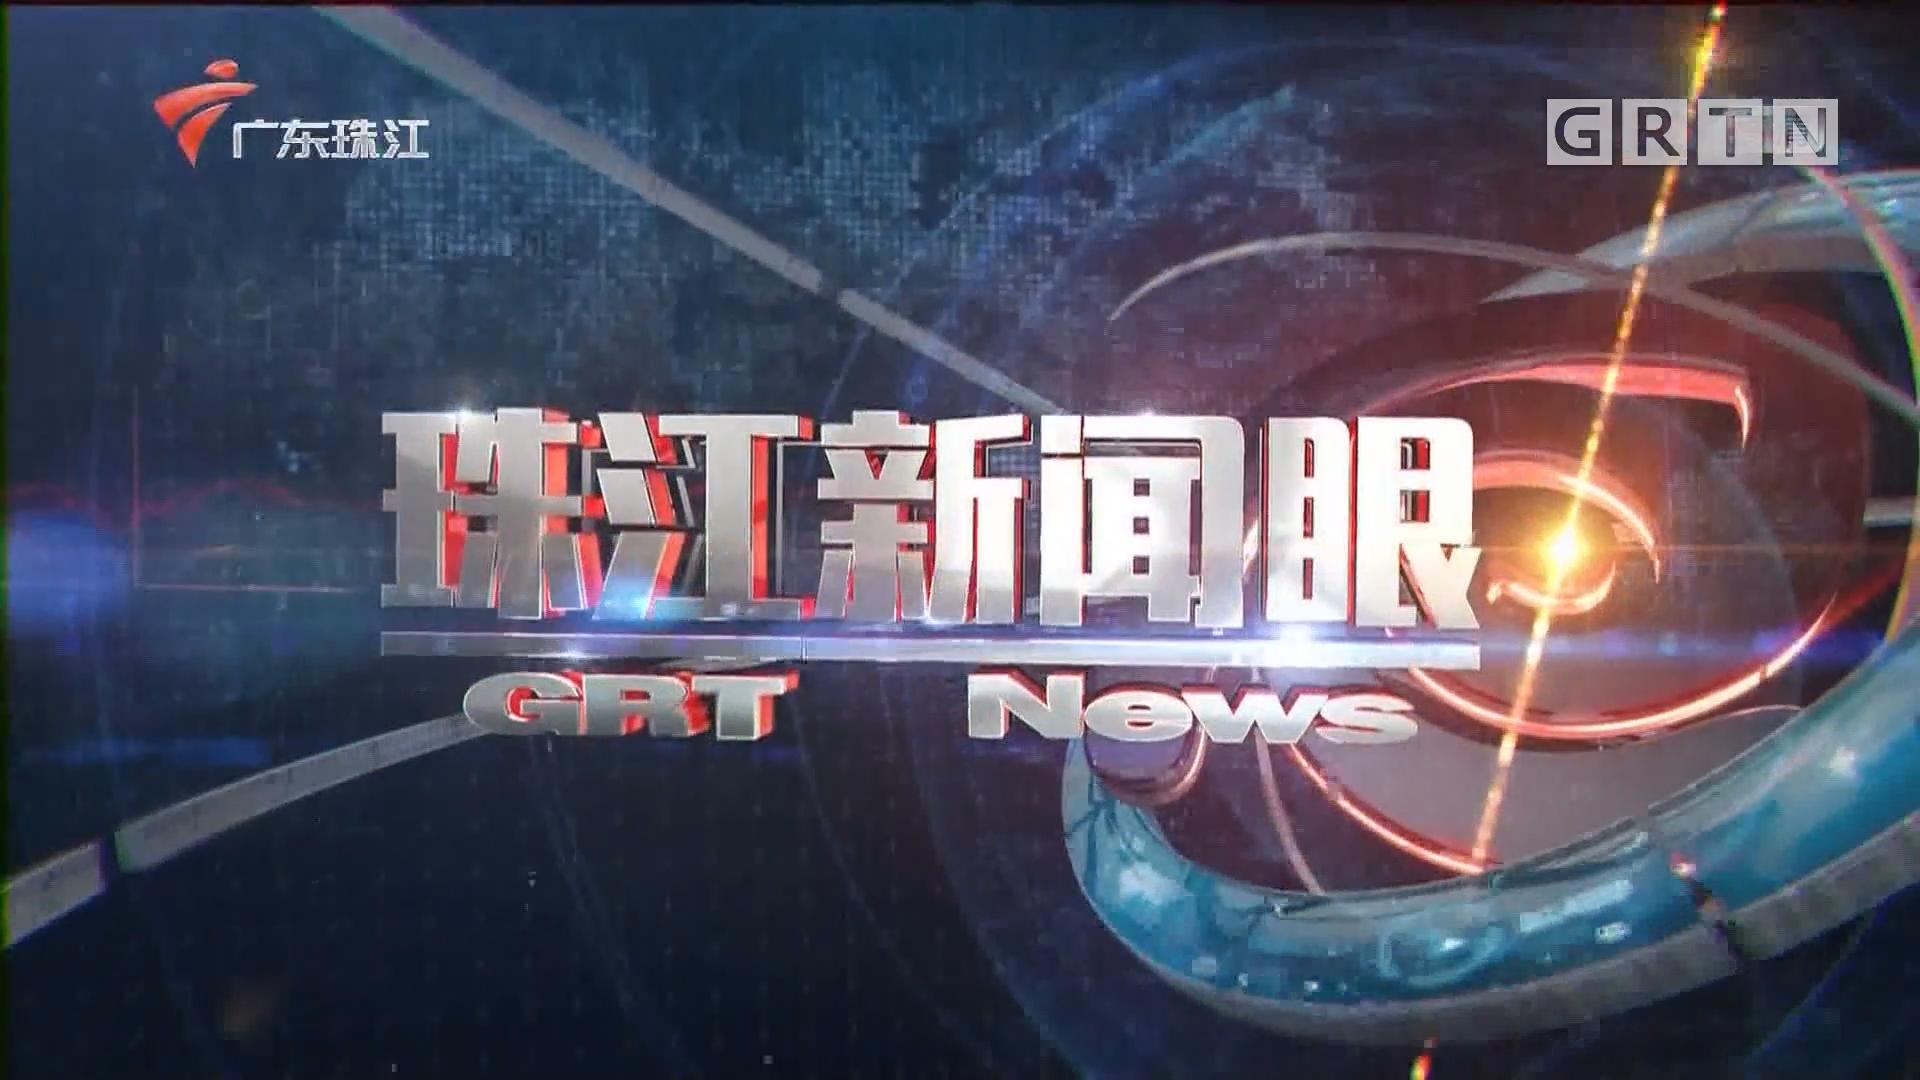 [HD][2020-02-20]珠江新闻眼:新增确诊病例数16连降 救治压力正逐步减轻